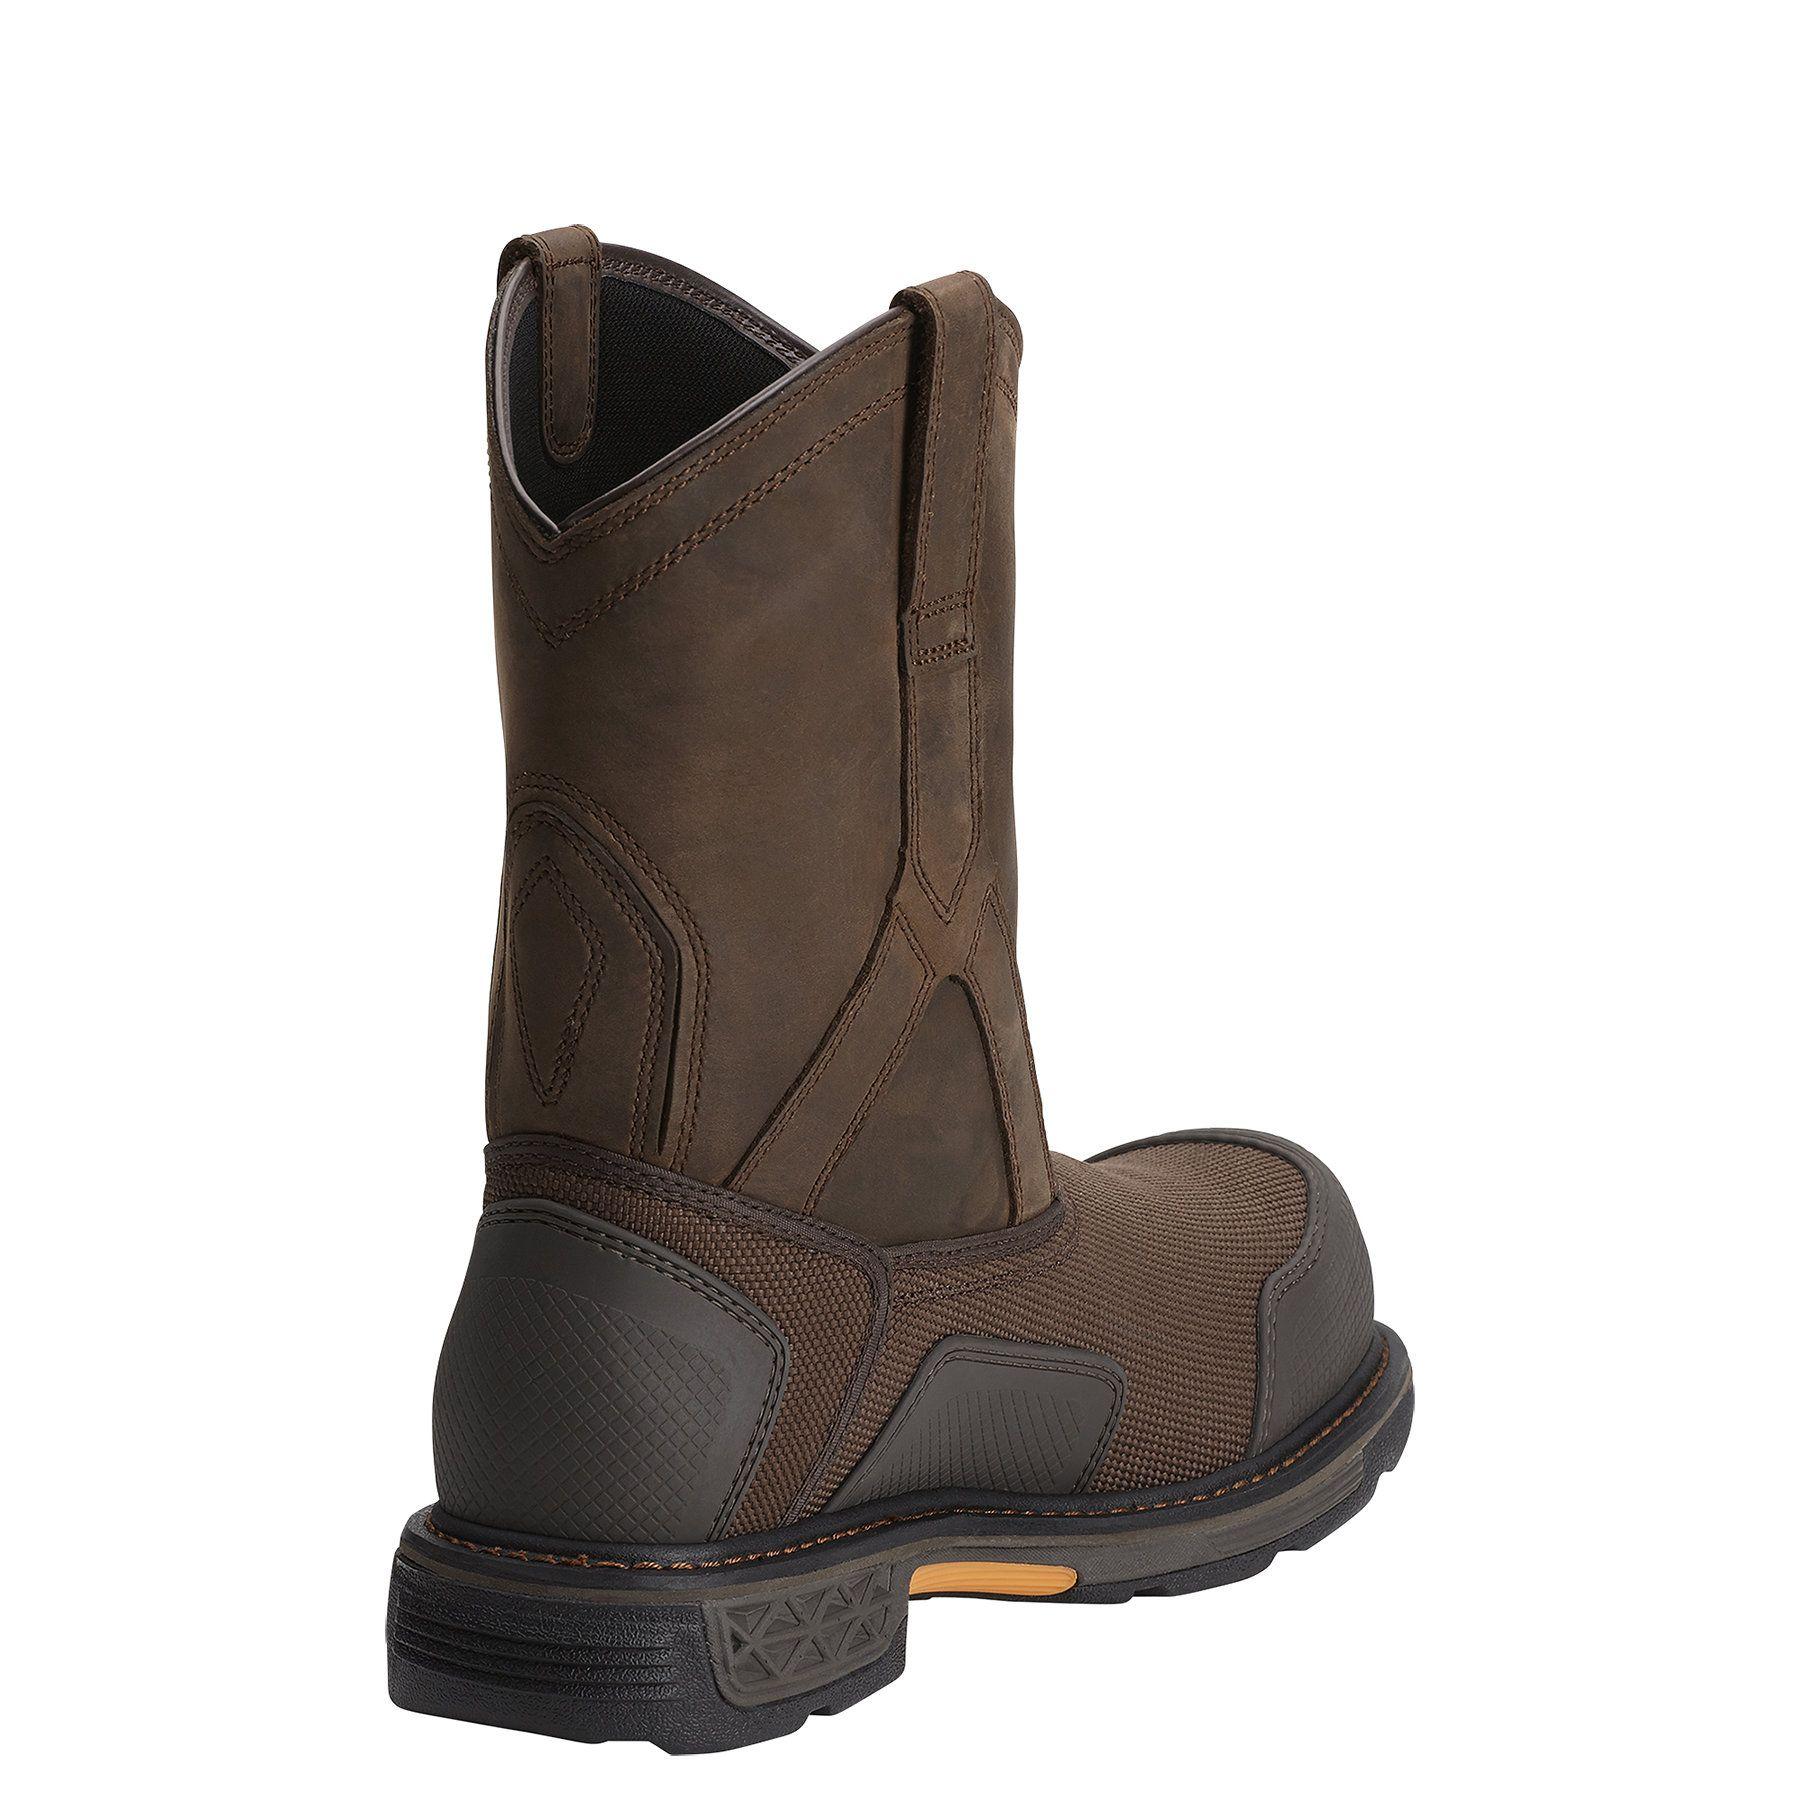 Overdrive Xtr Waterproof Composite Toe Work Boot Composite Toe Work Boots Boots Leather